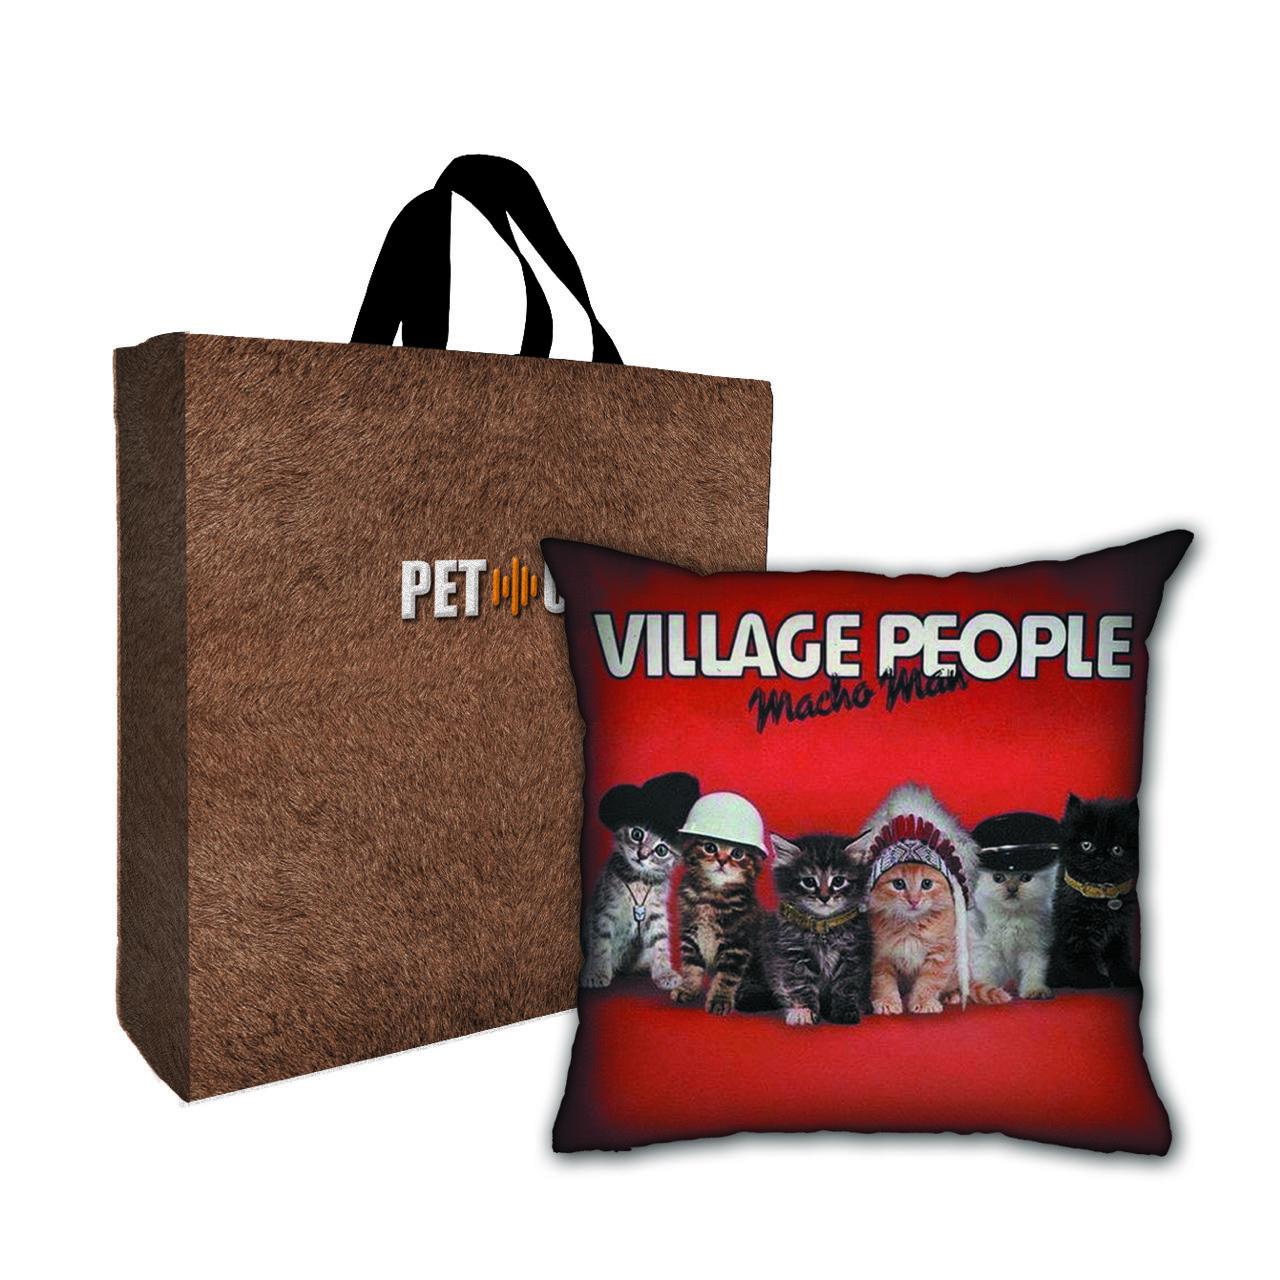 Kit Almofada & Sacola Bege Pet Use - Village Cats - Gatos